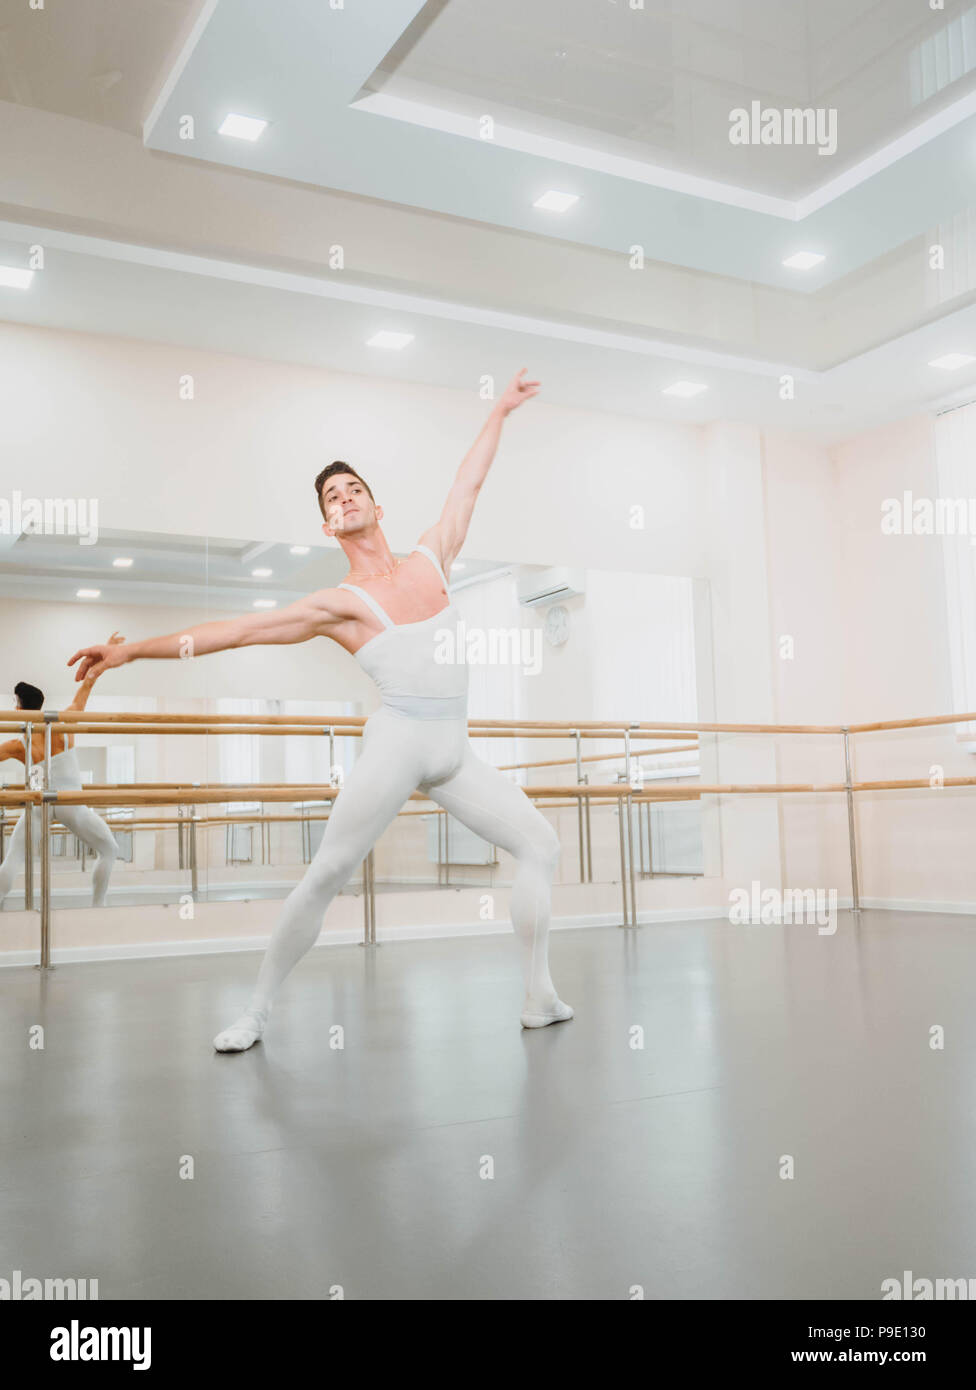 Joven apuesto bailarín practicando en ballet clásico en pequeño estudio con espejos. Hombre de blanco leotardos. Coreógrafo profesional está trabajando en la creación de rendimiento. Imagen De Stock